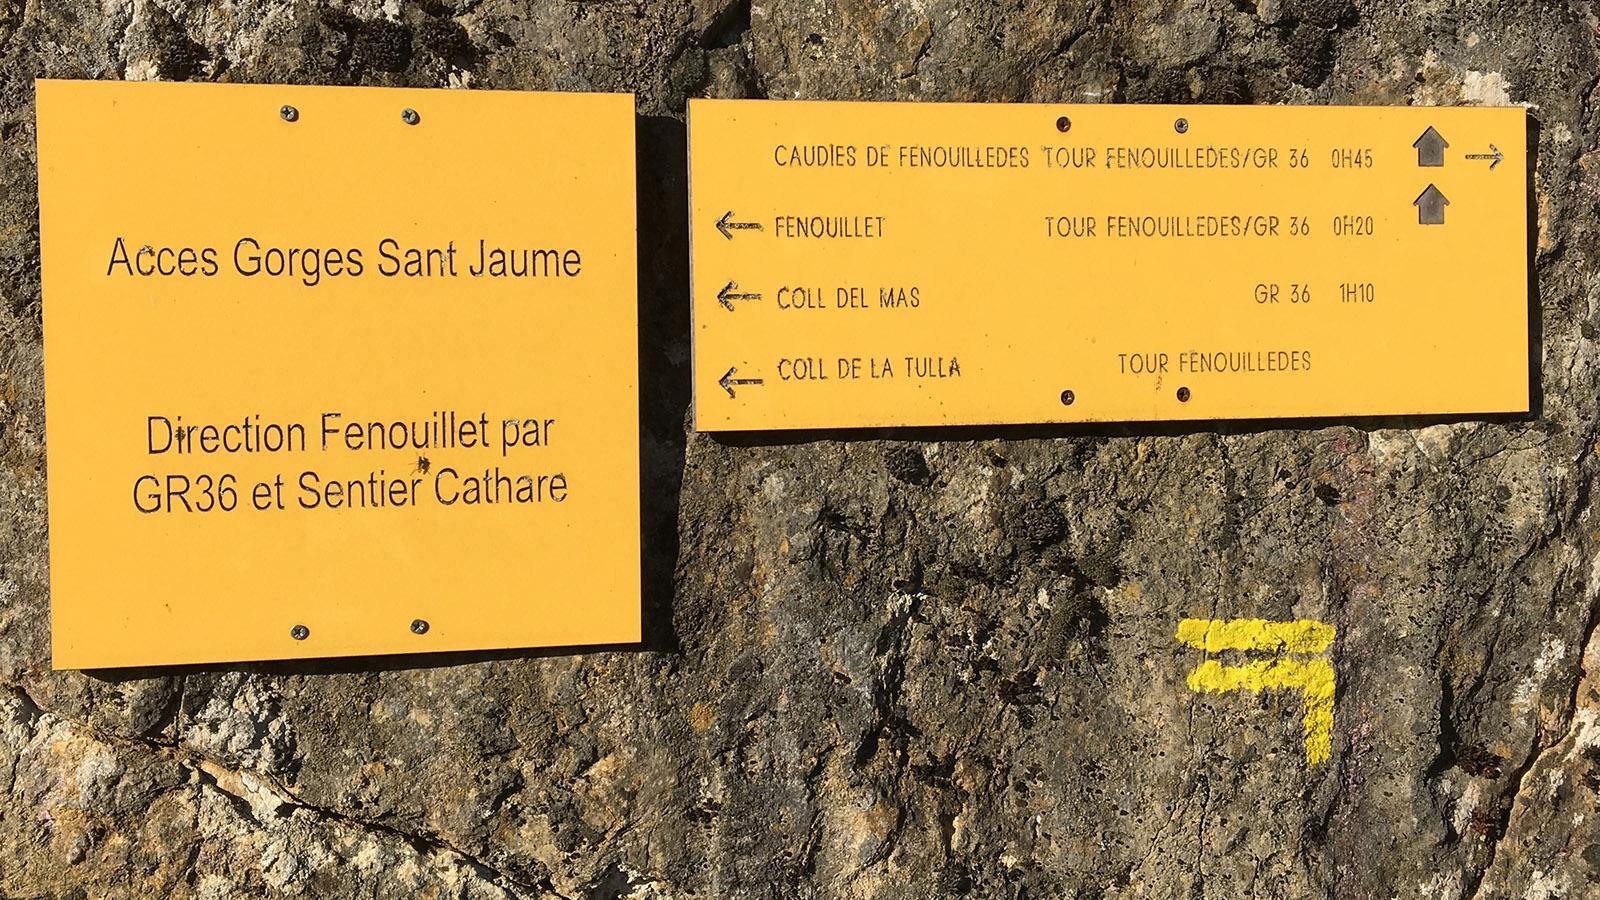 Gorges de Saint-Jaume: Wandermarkierung